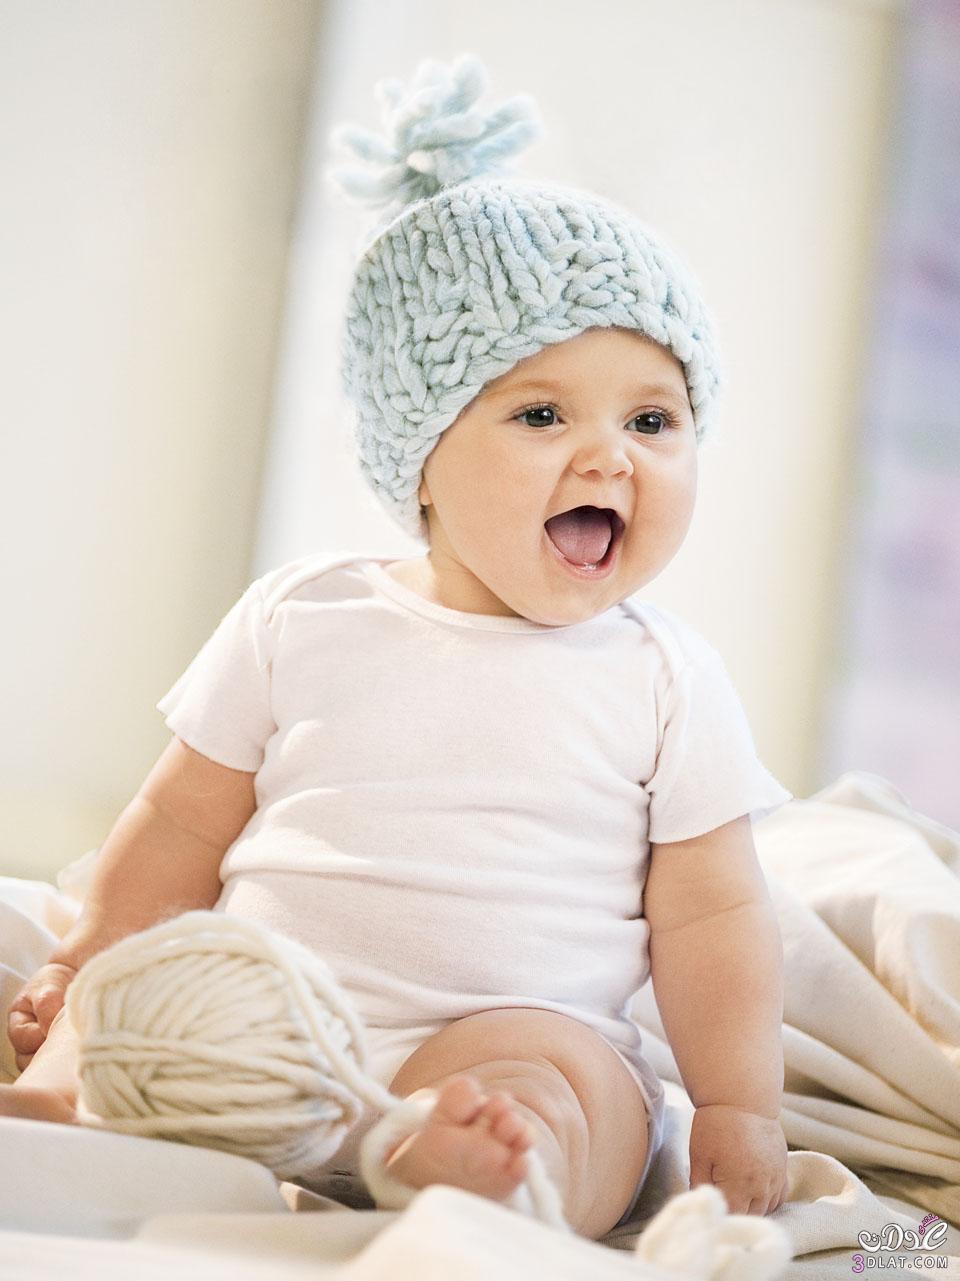 بالصور صور اولاد , اجمل صور اطفال اولاد 2192 8